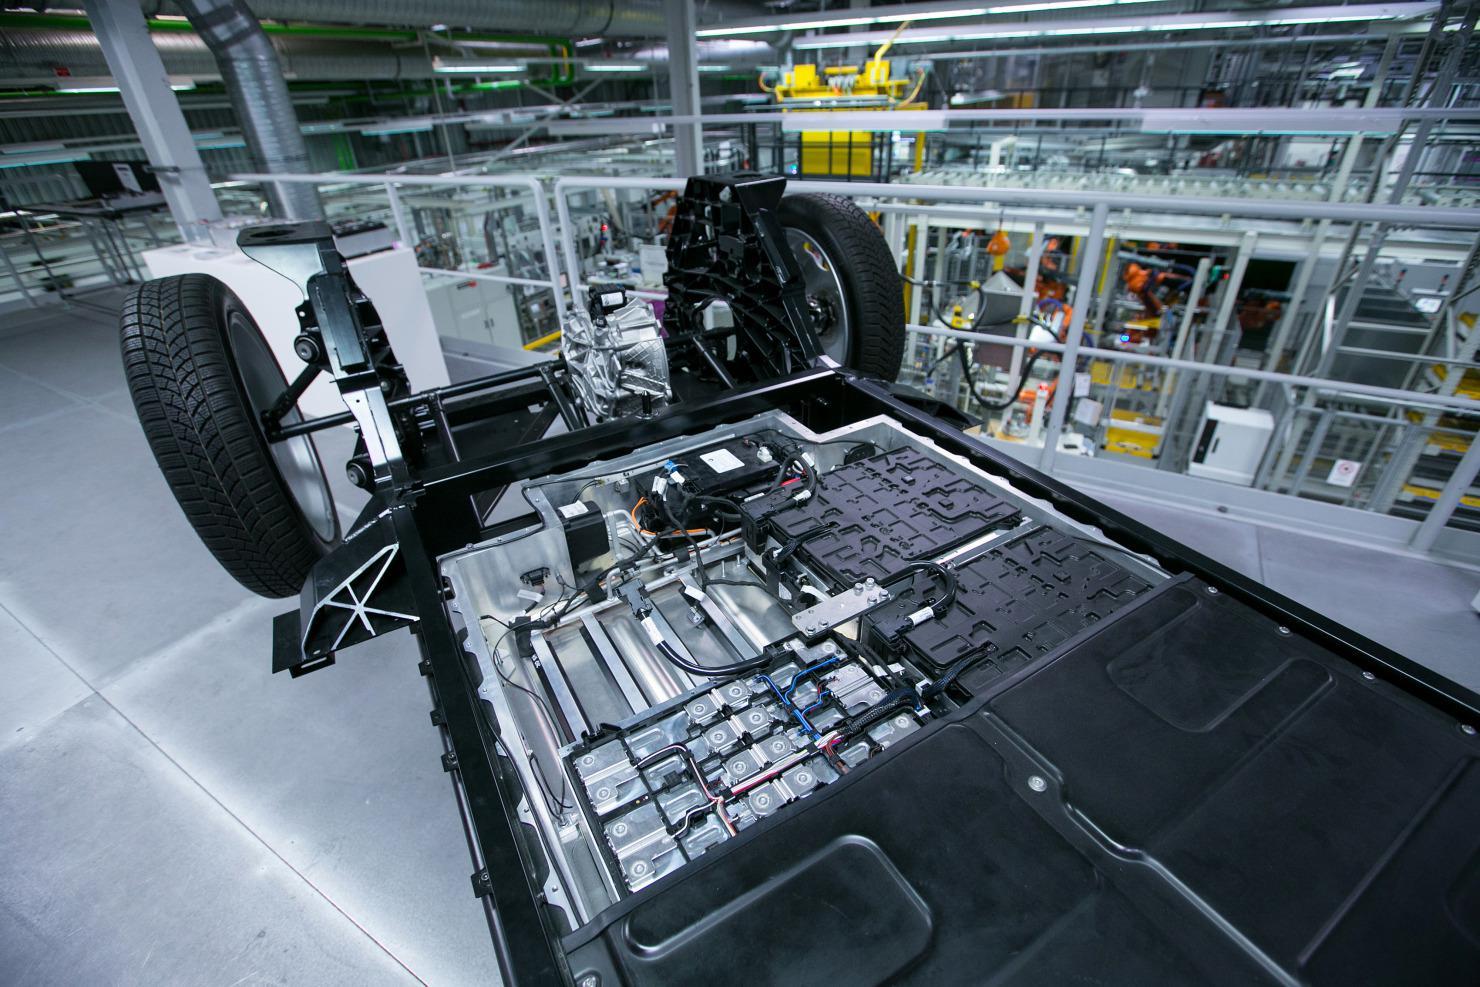 电动车是否环保再遭质疑 这次美媒指向了电池生产